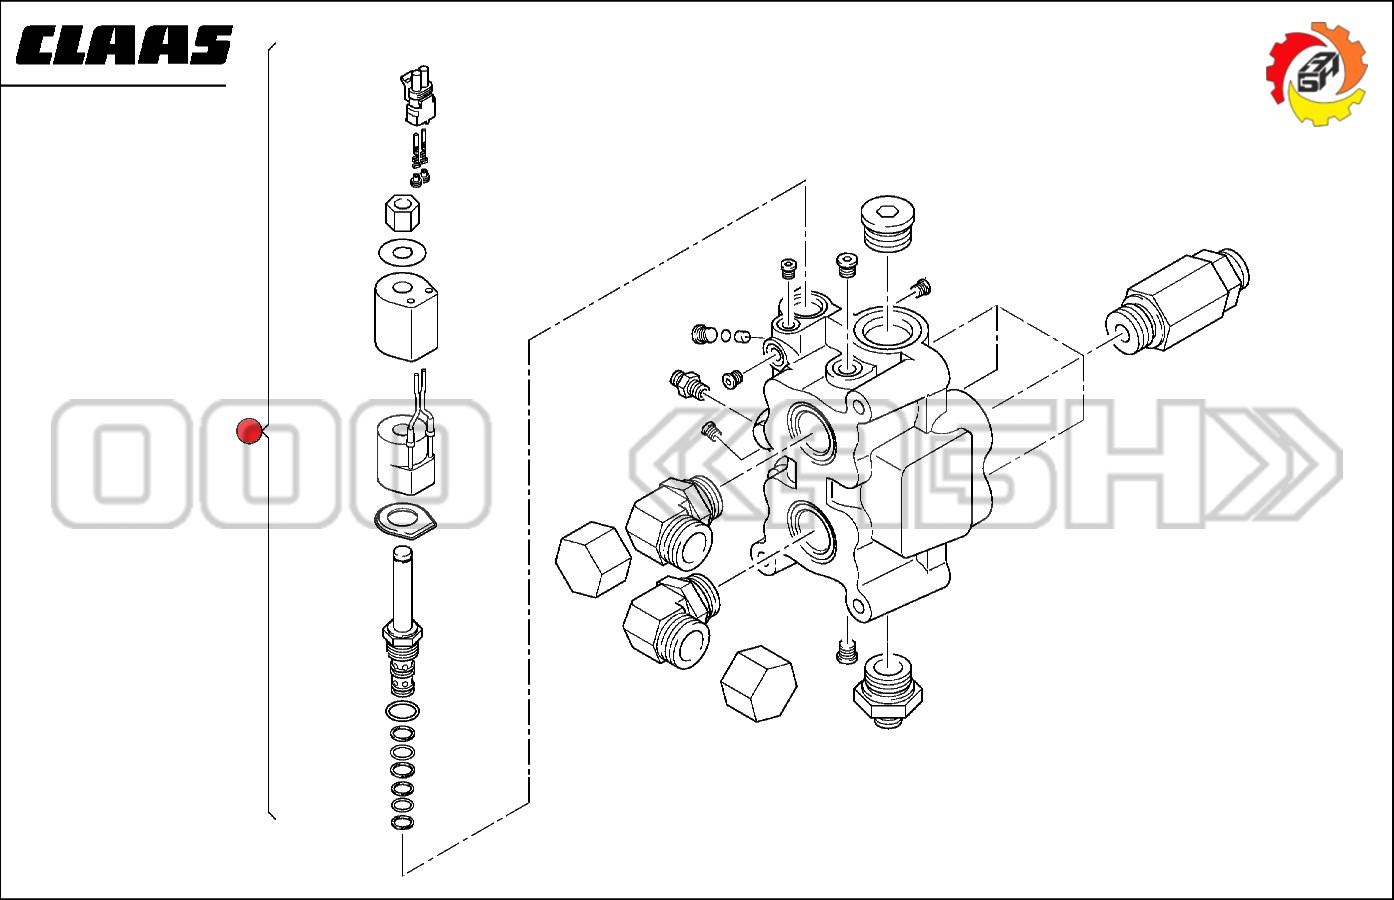 Клапан Claas  (0006602840 / 0007308950 / 6602840 / 660284.0 / 7308950 / 730895.0)